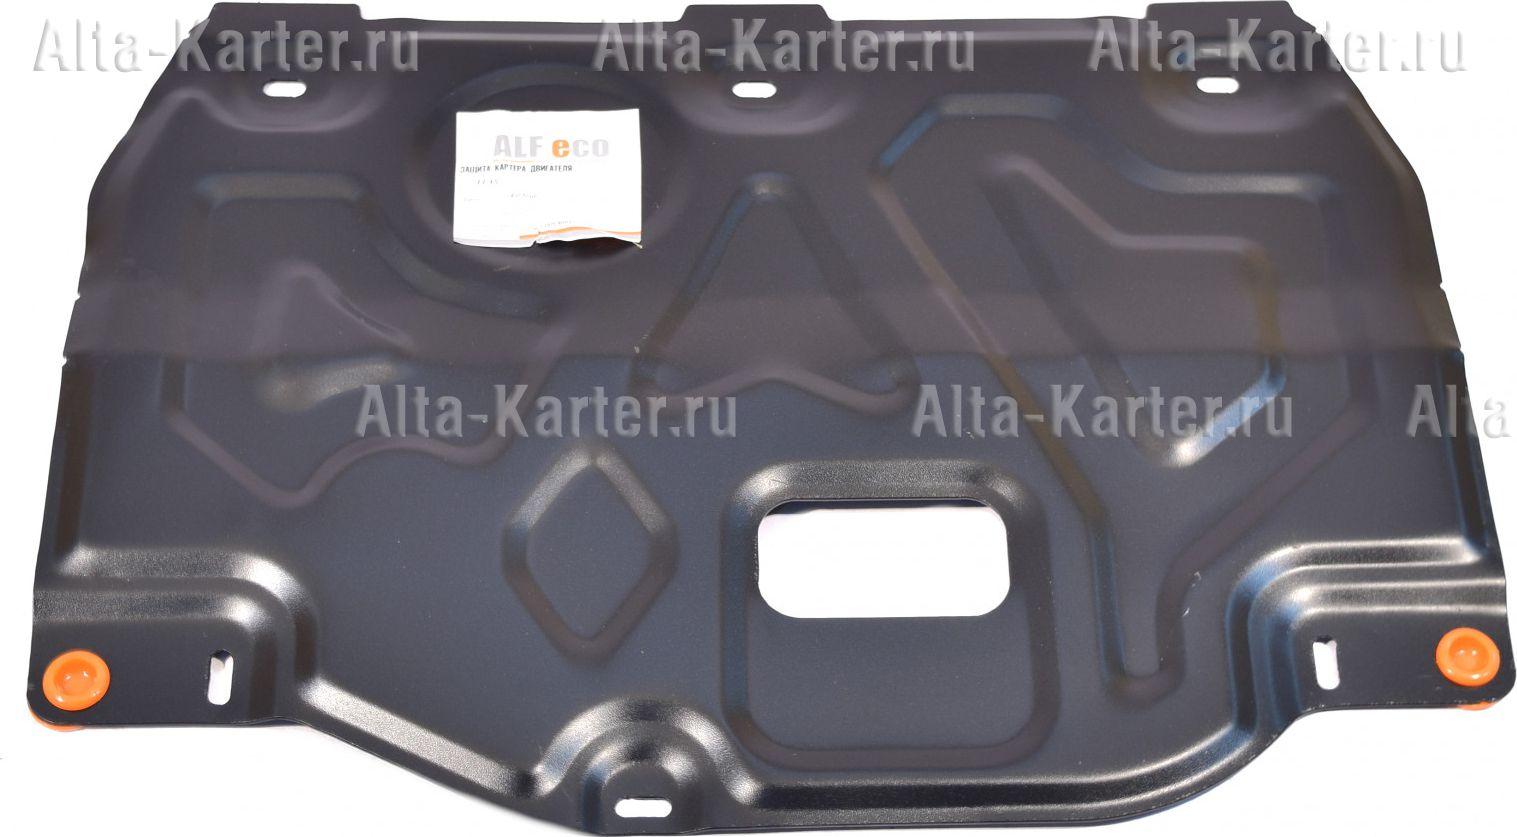 Защита Alfeco для картера и КПП Kia Soul III 2019-2021. Артикул ALF.11.45